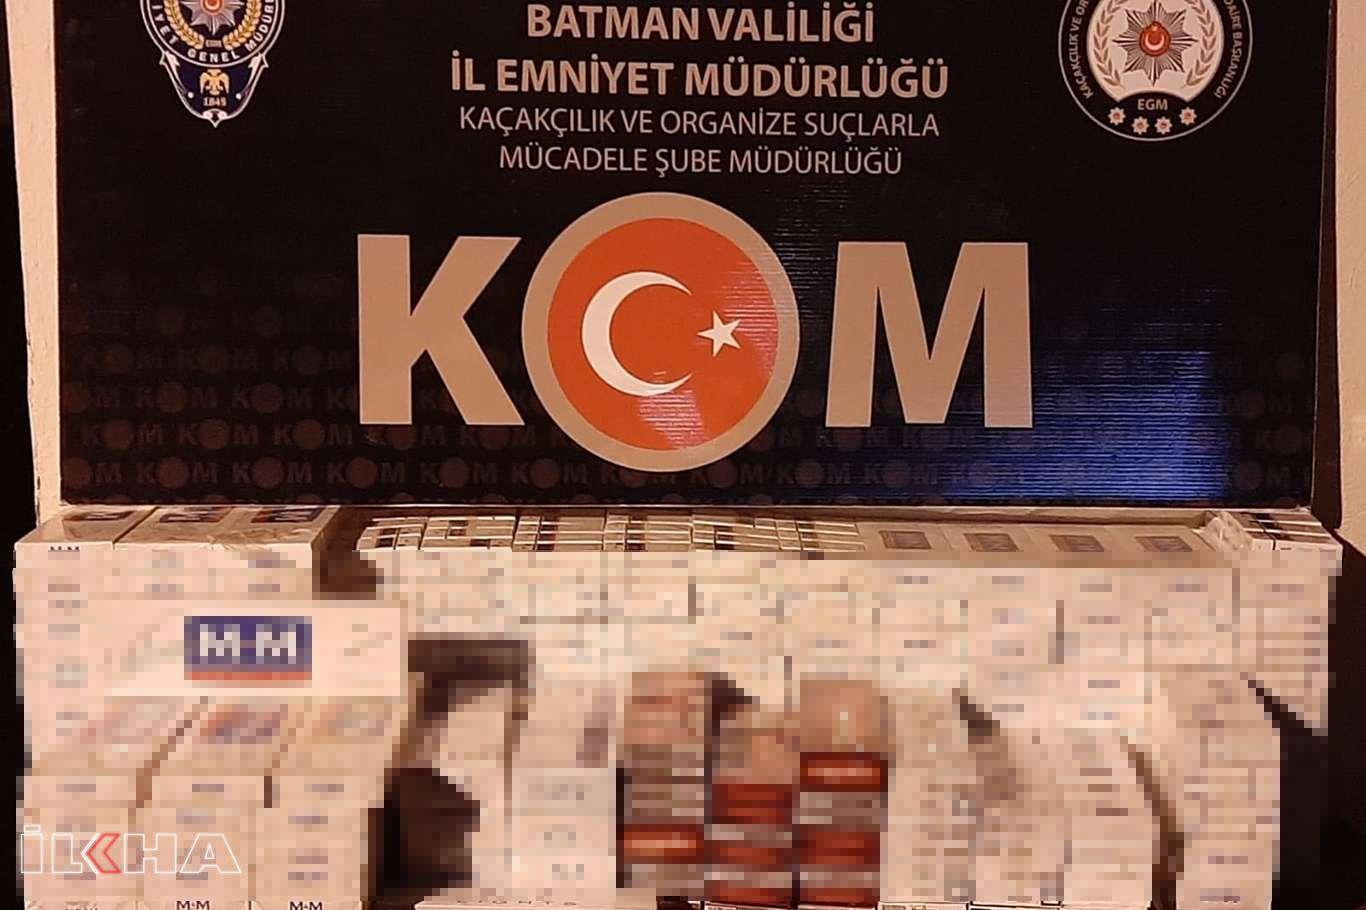 Batmanda 2 bin 300 paket gümrük kaçağı sigara ele geçirildi